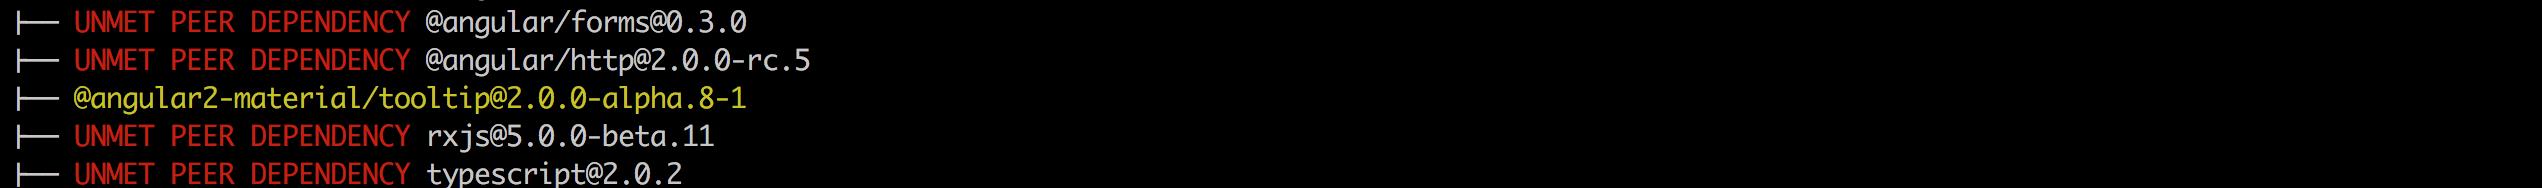 angular/material2 - Gitter